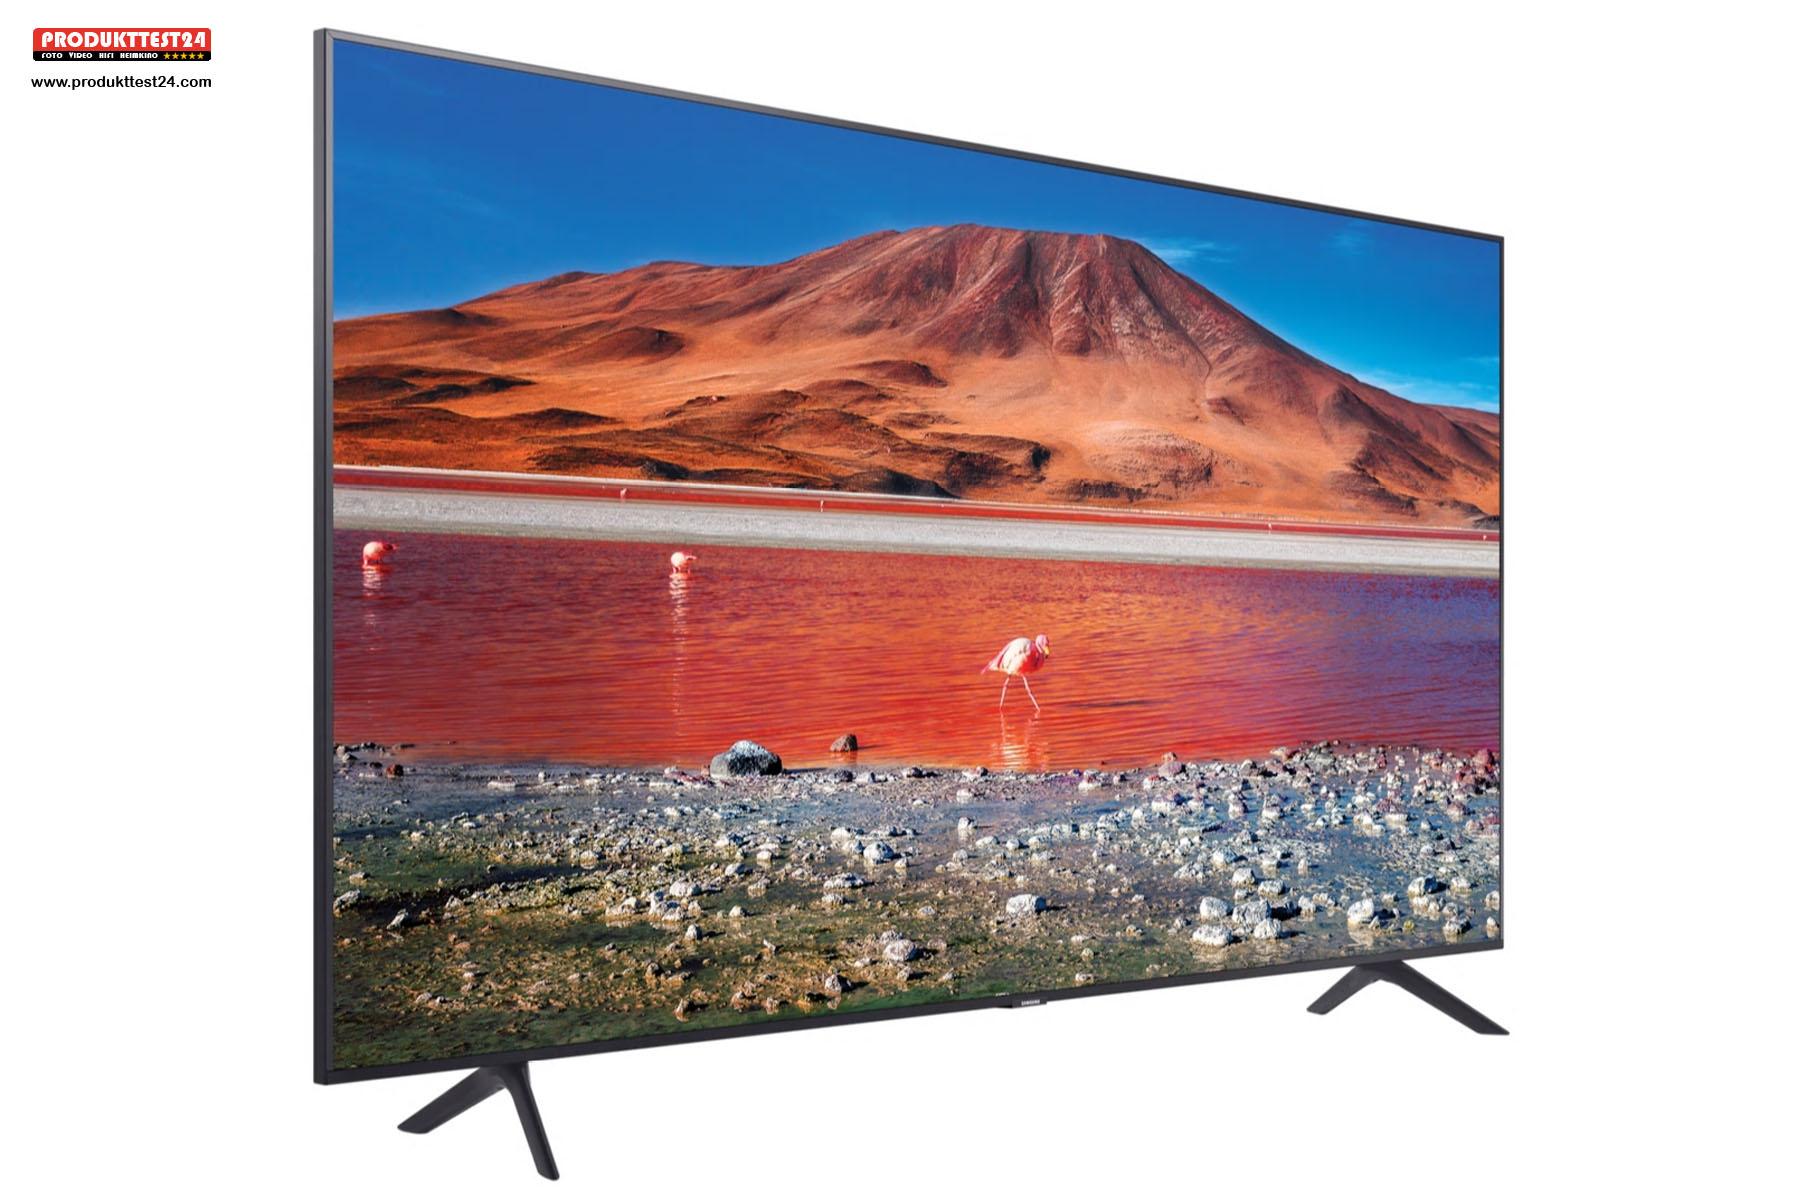 Samsung GU55TU7199 UHD 4K-Fernseher mit einem 55 Zoll großem Bildschirm